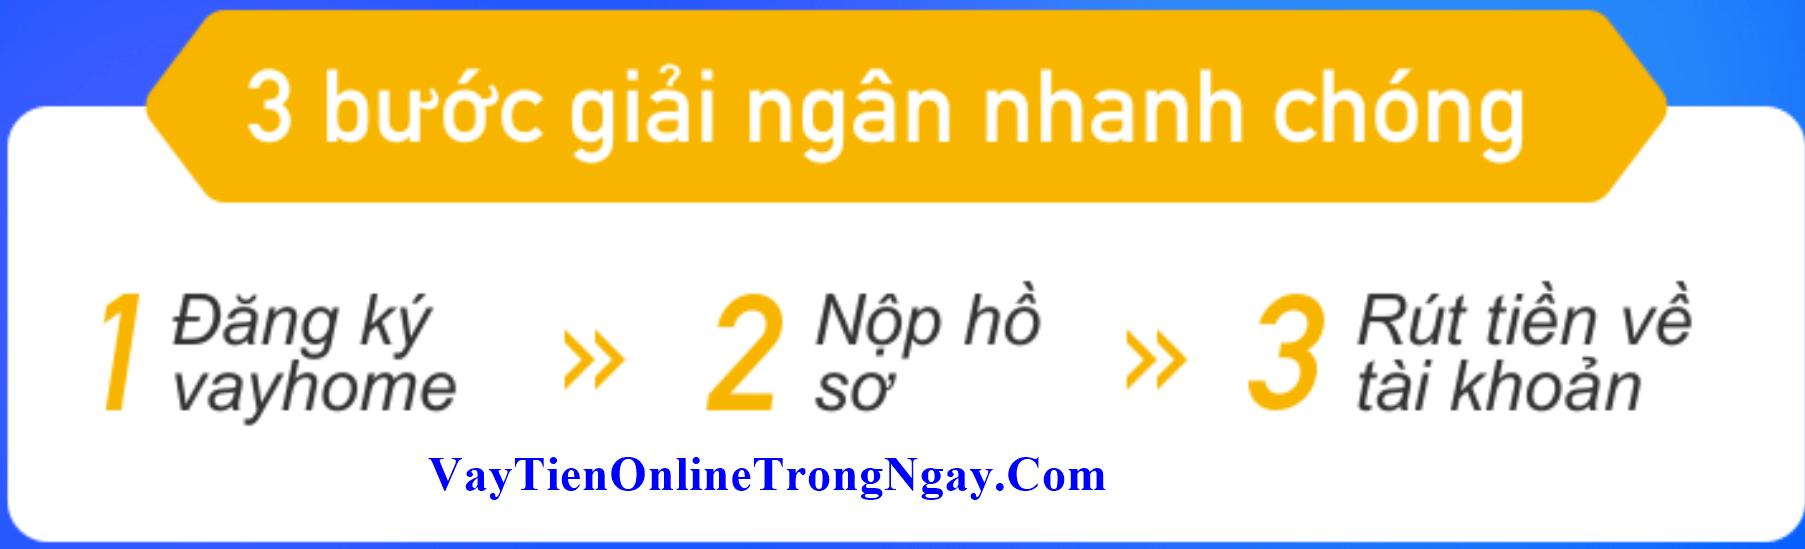 vayhome.com